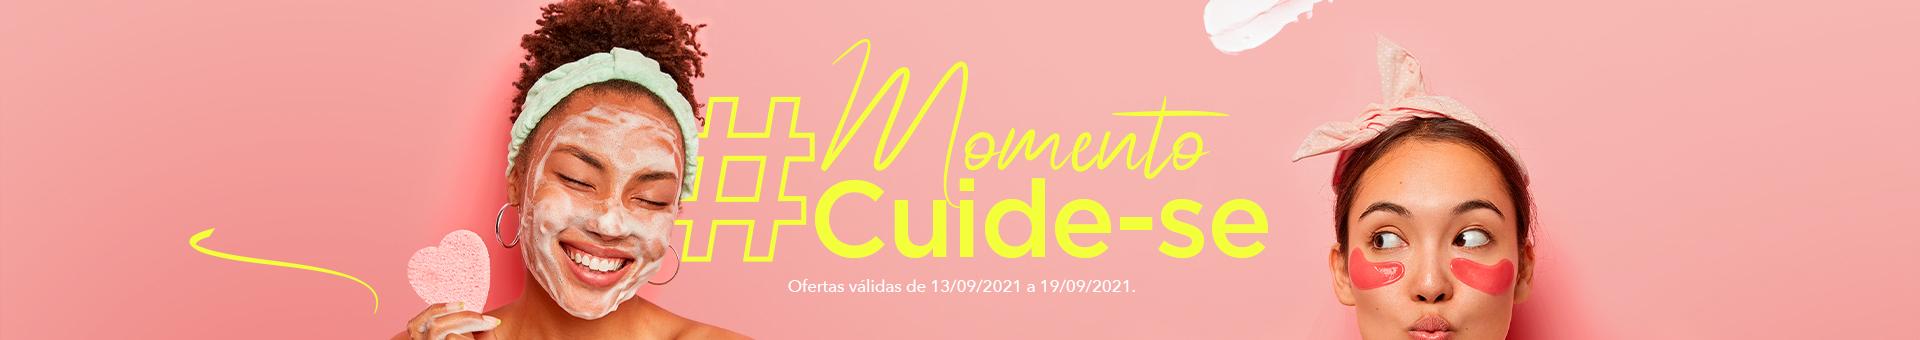 #momentocuide-se